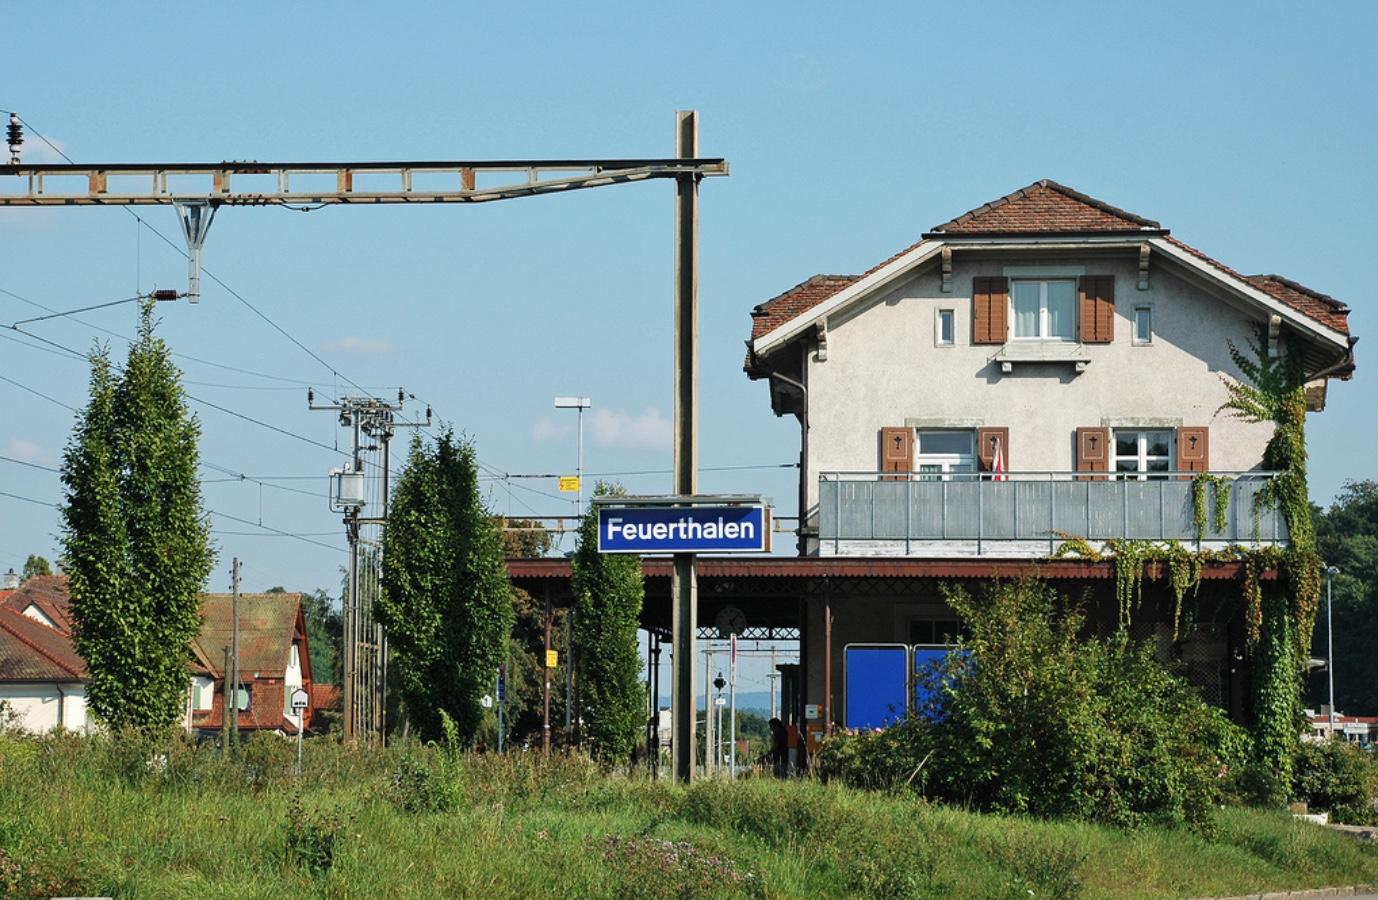 2001 stellt die Mittelthurgaubahn die persönliche Bedienung beim Bahnhof Feuerthalen ein